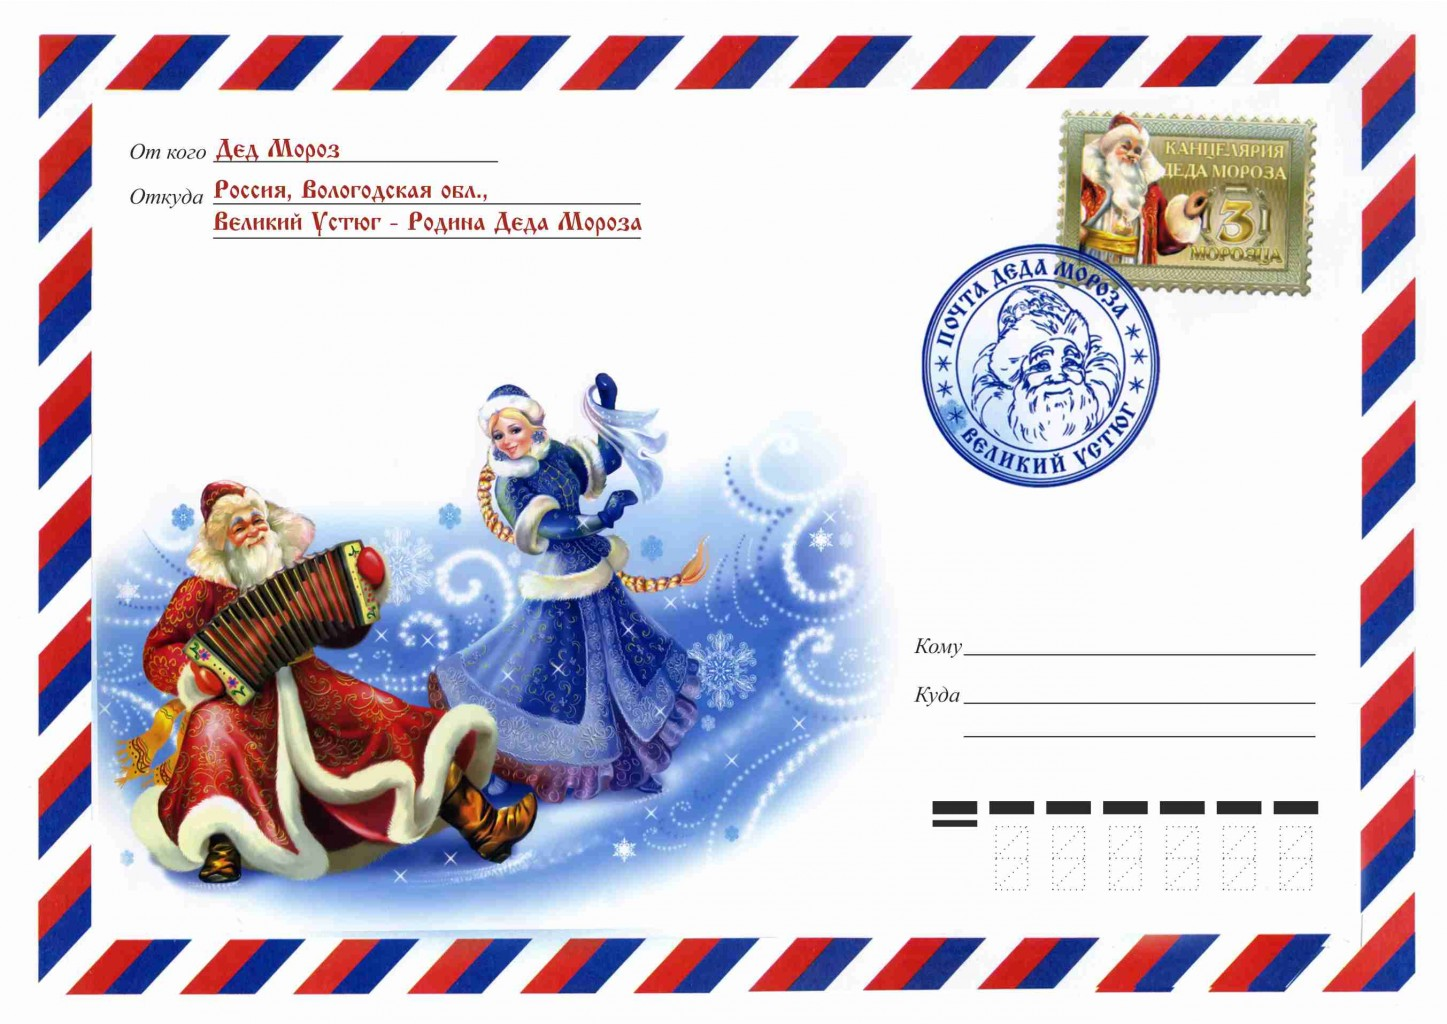 данным, картинка конверта для письма для деда мороза чеченцы дагестанцами